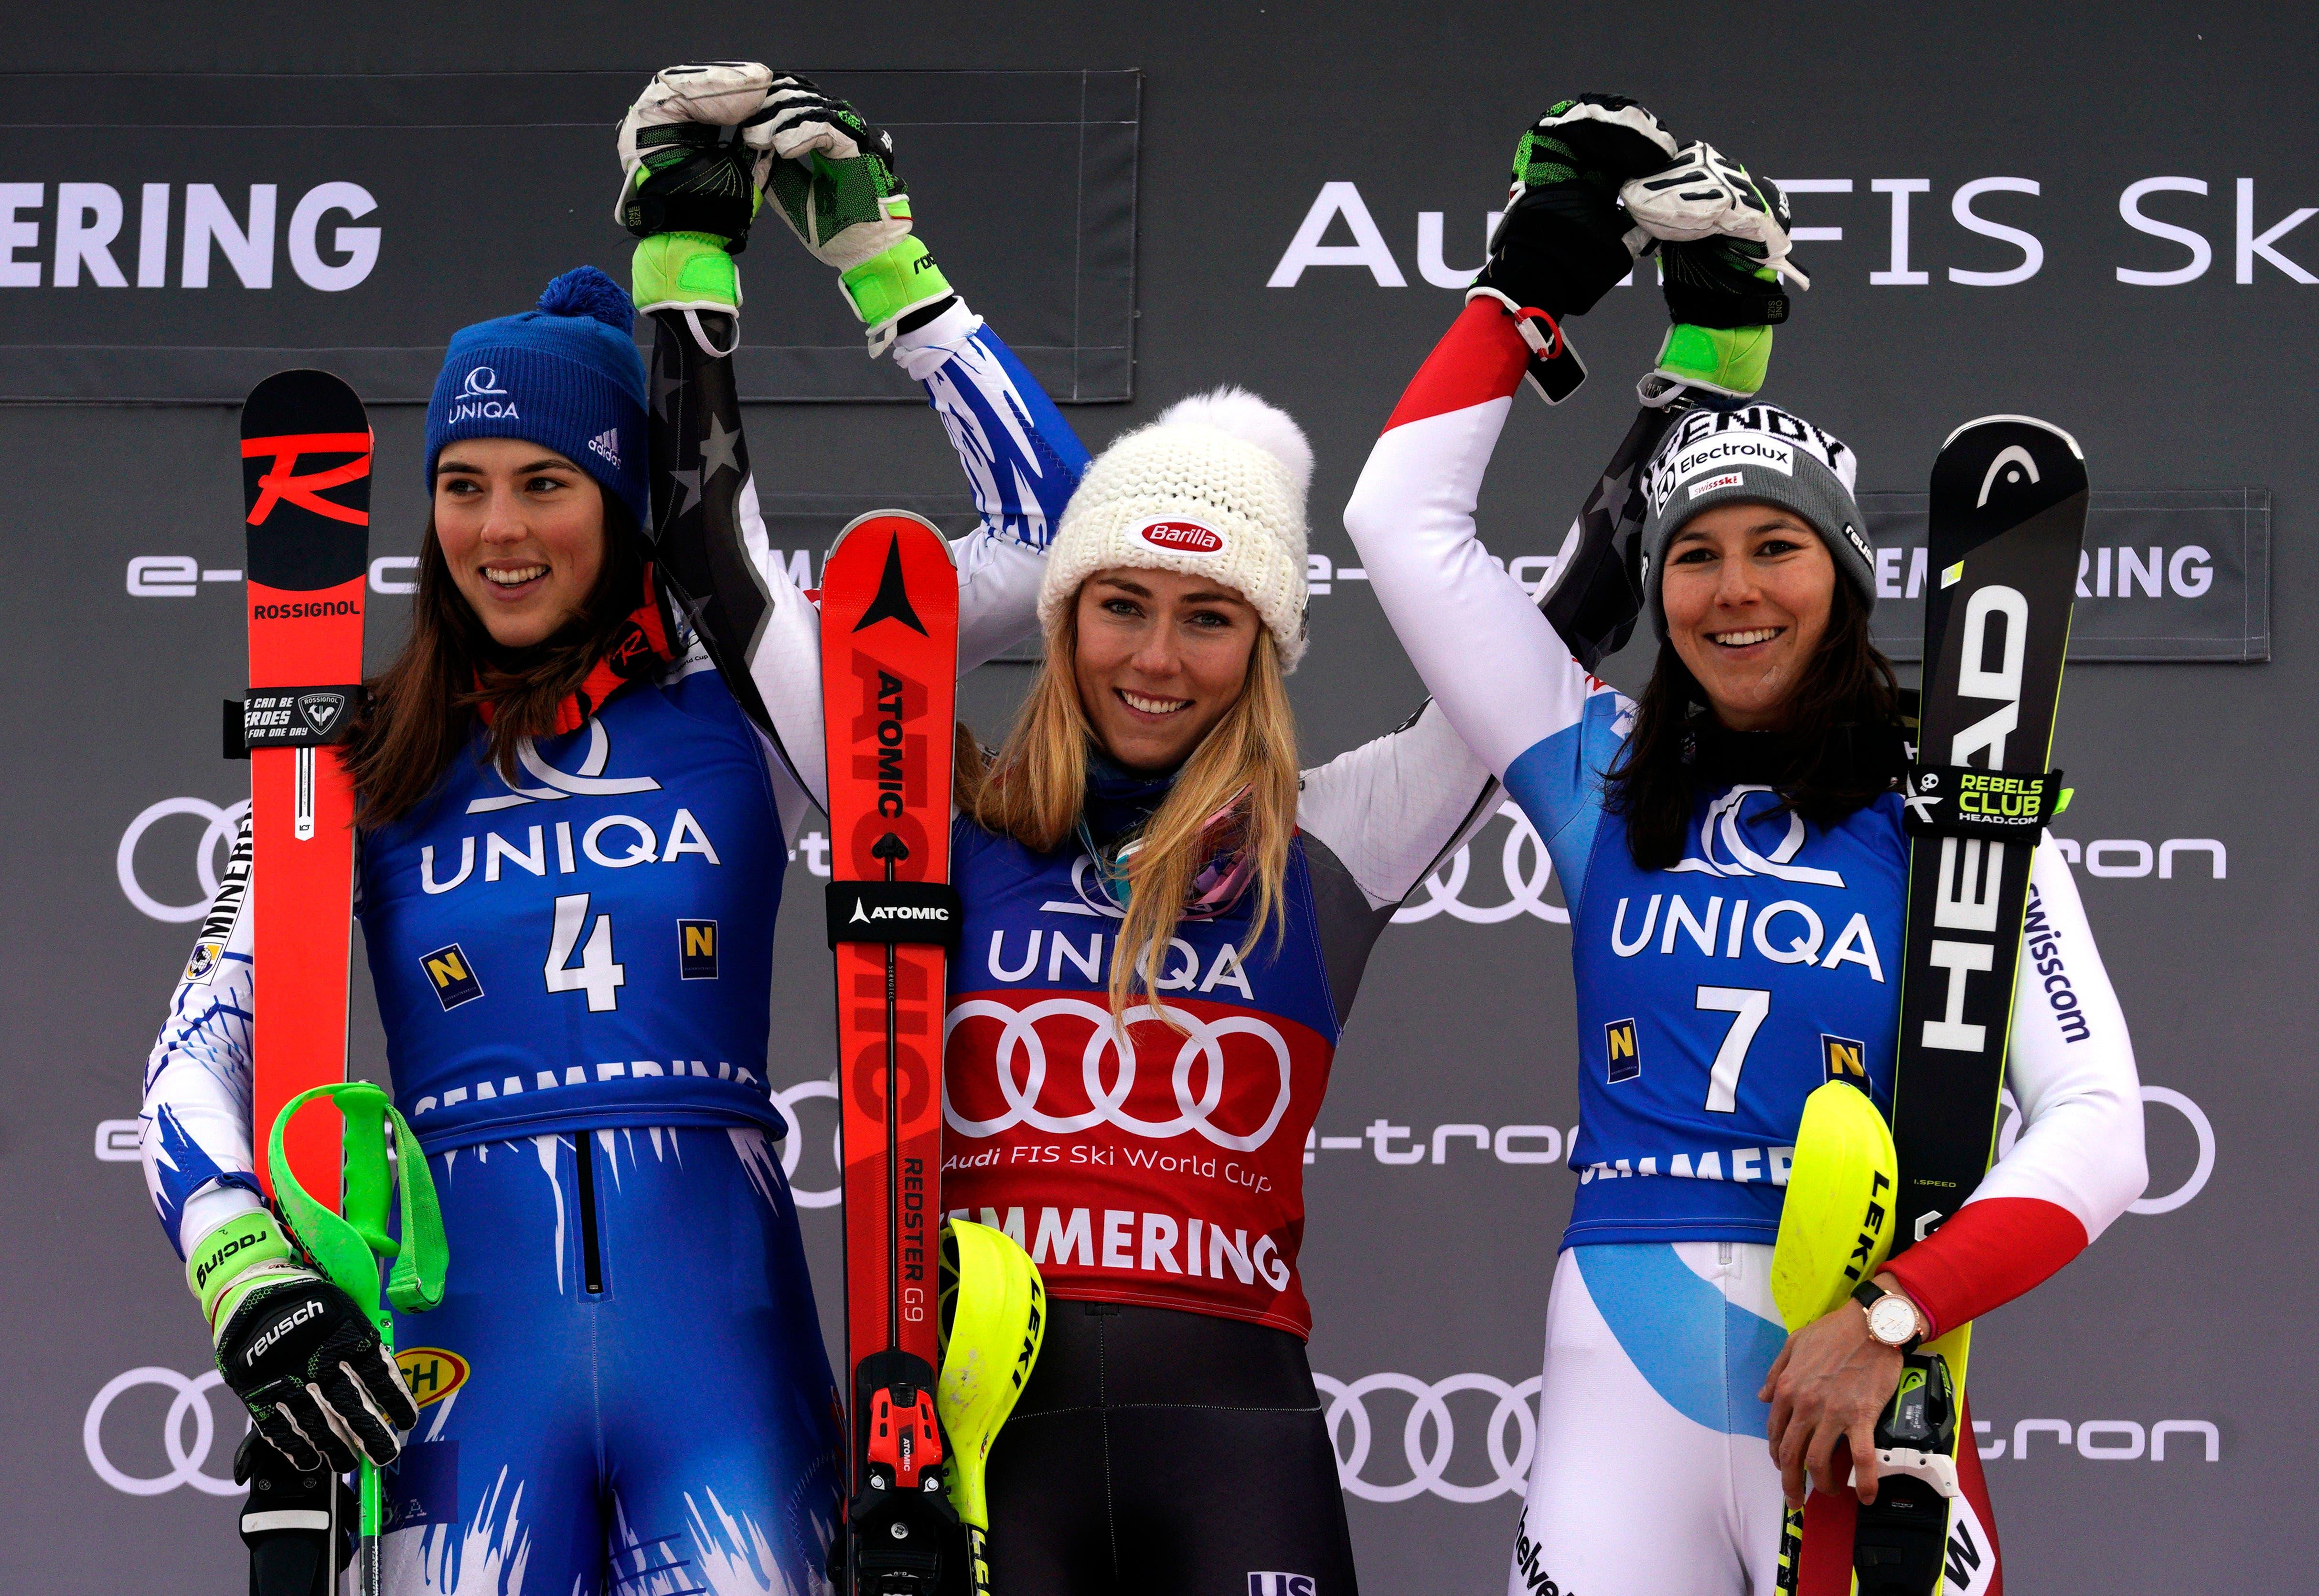 Wendy Holdener sichert sich in Semmering ihren ersten Slalom-Podestplatz in diesem Winter. Sie wird Dritte hinter der Amerikanerin Mikaela Shiffrin und der Slowakin Petra Vlhova. (Bild: AP Photo/Giovanni Auletta)